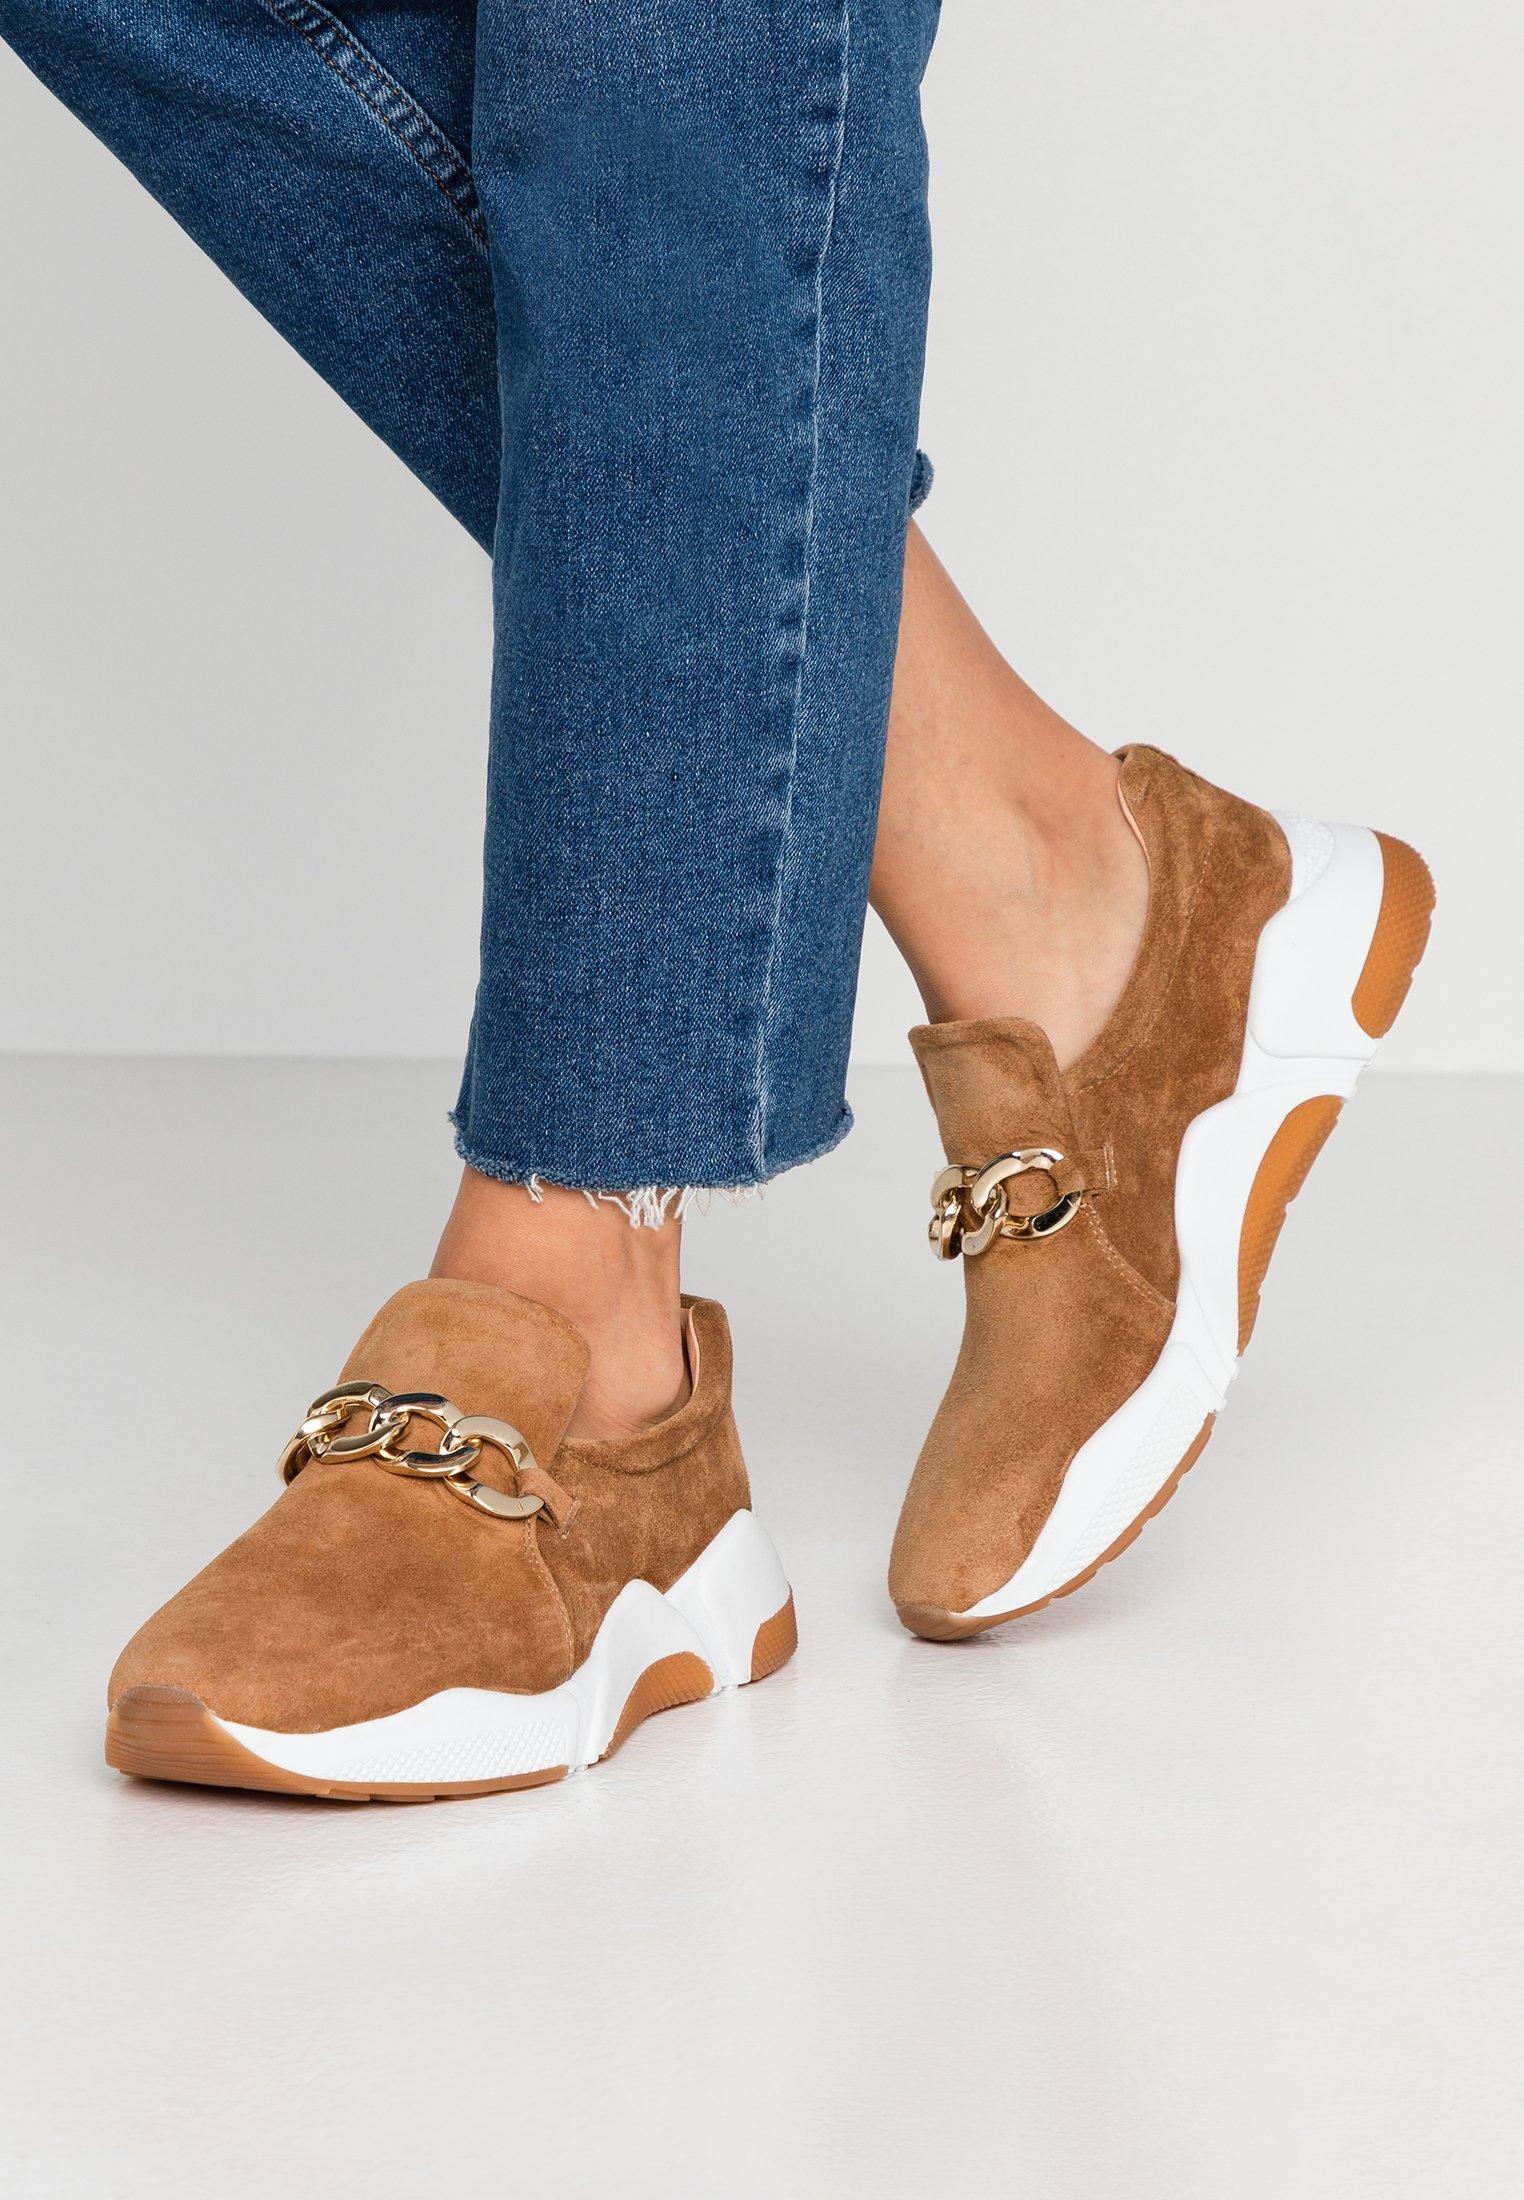 New Styles Perfect Women's Shoes Billi Bi Slip-ons dark beige q3Ry1DJkU FkmD4fsWB